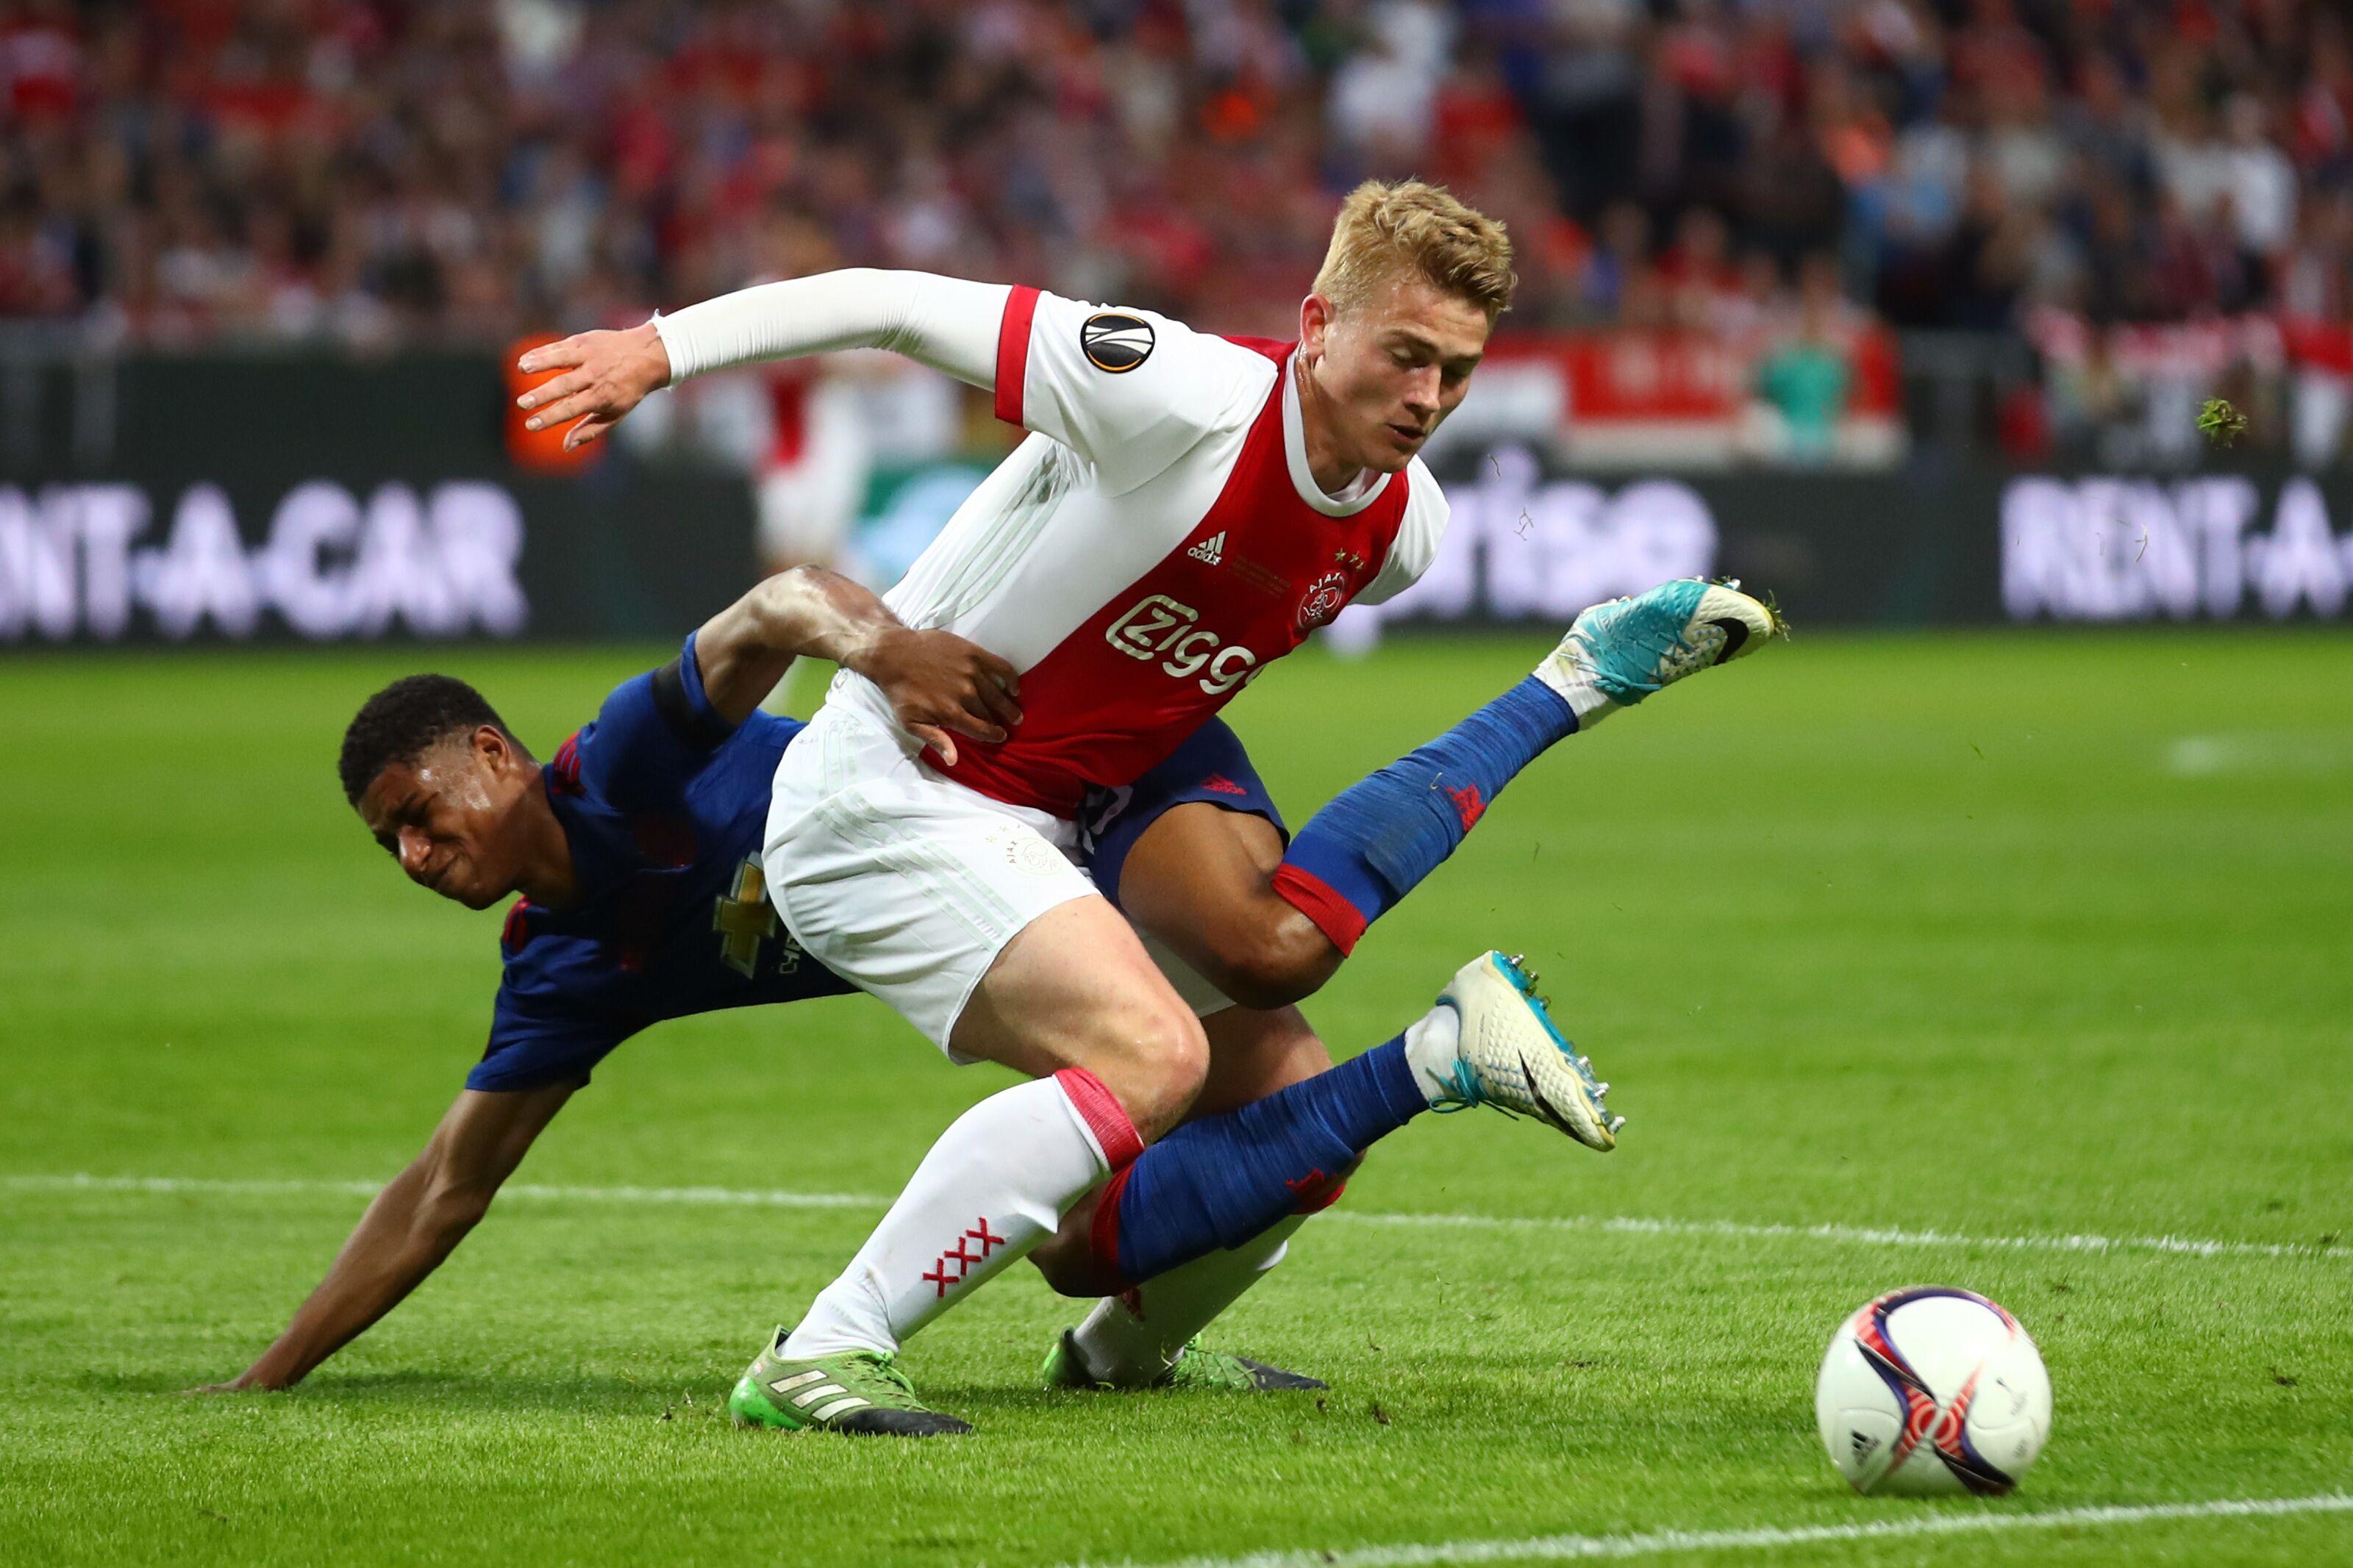 Tottenham should sign Matthijs De Ligt